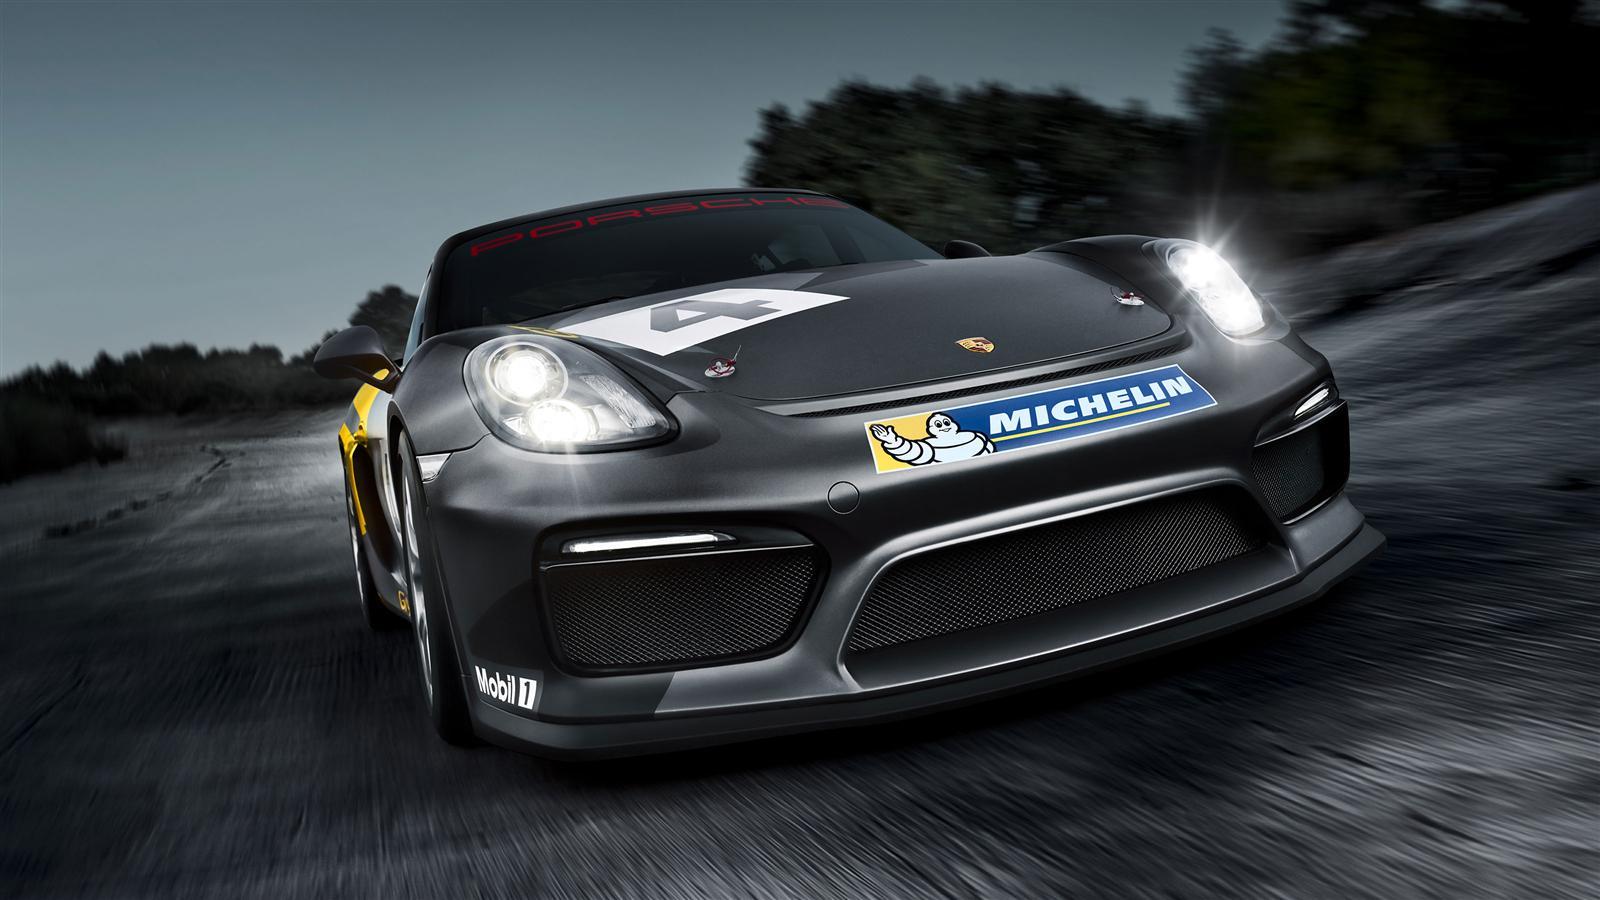 Porsche Cayman GT4 Clubsport - 2015 - avant / front